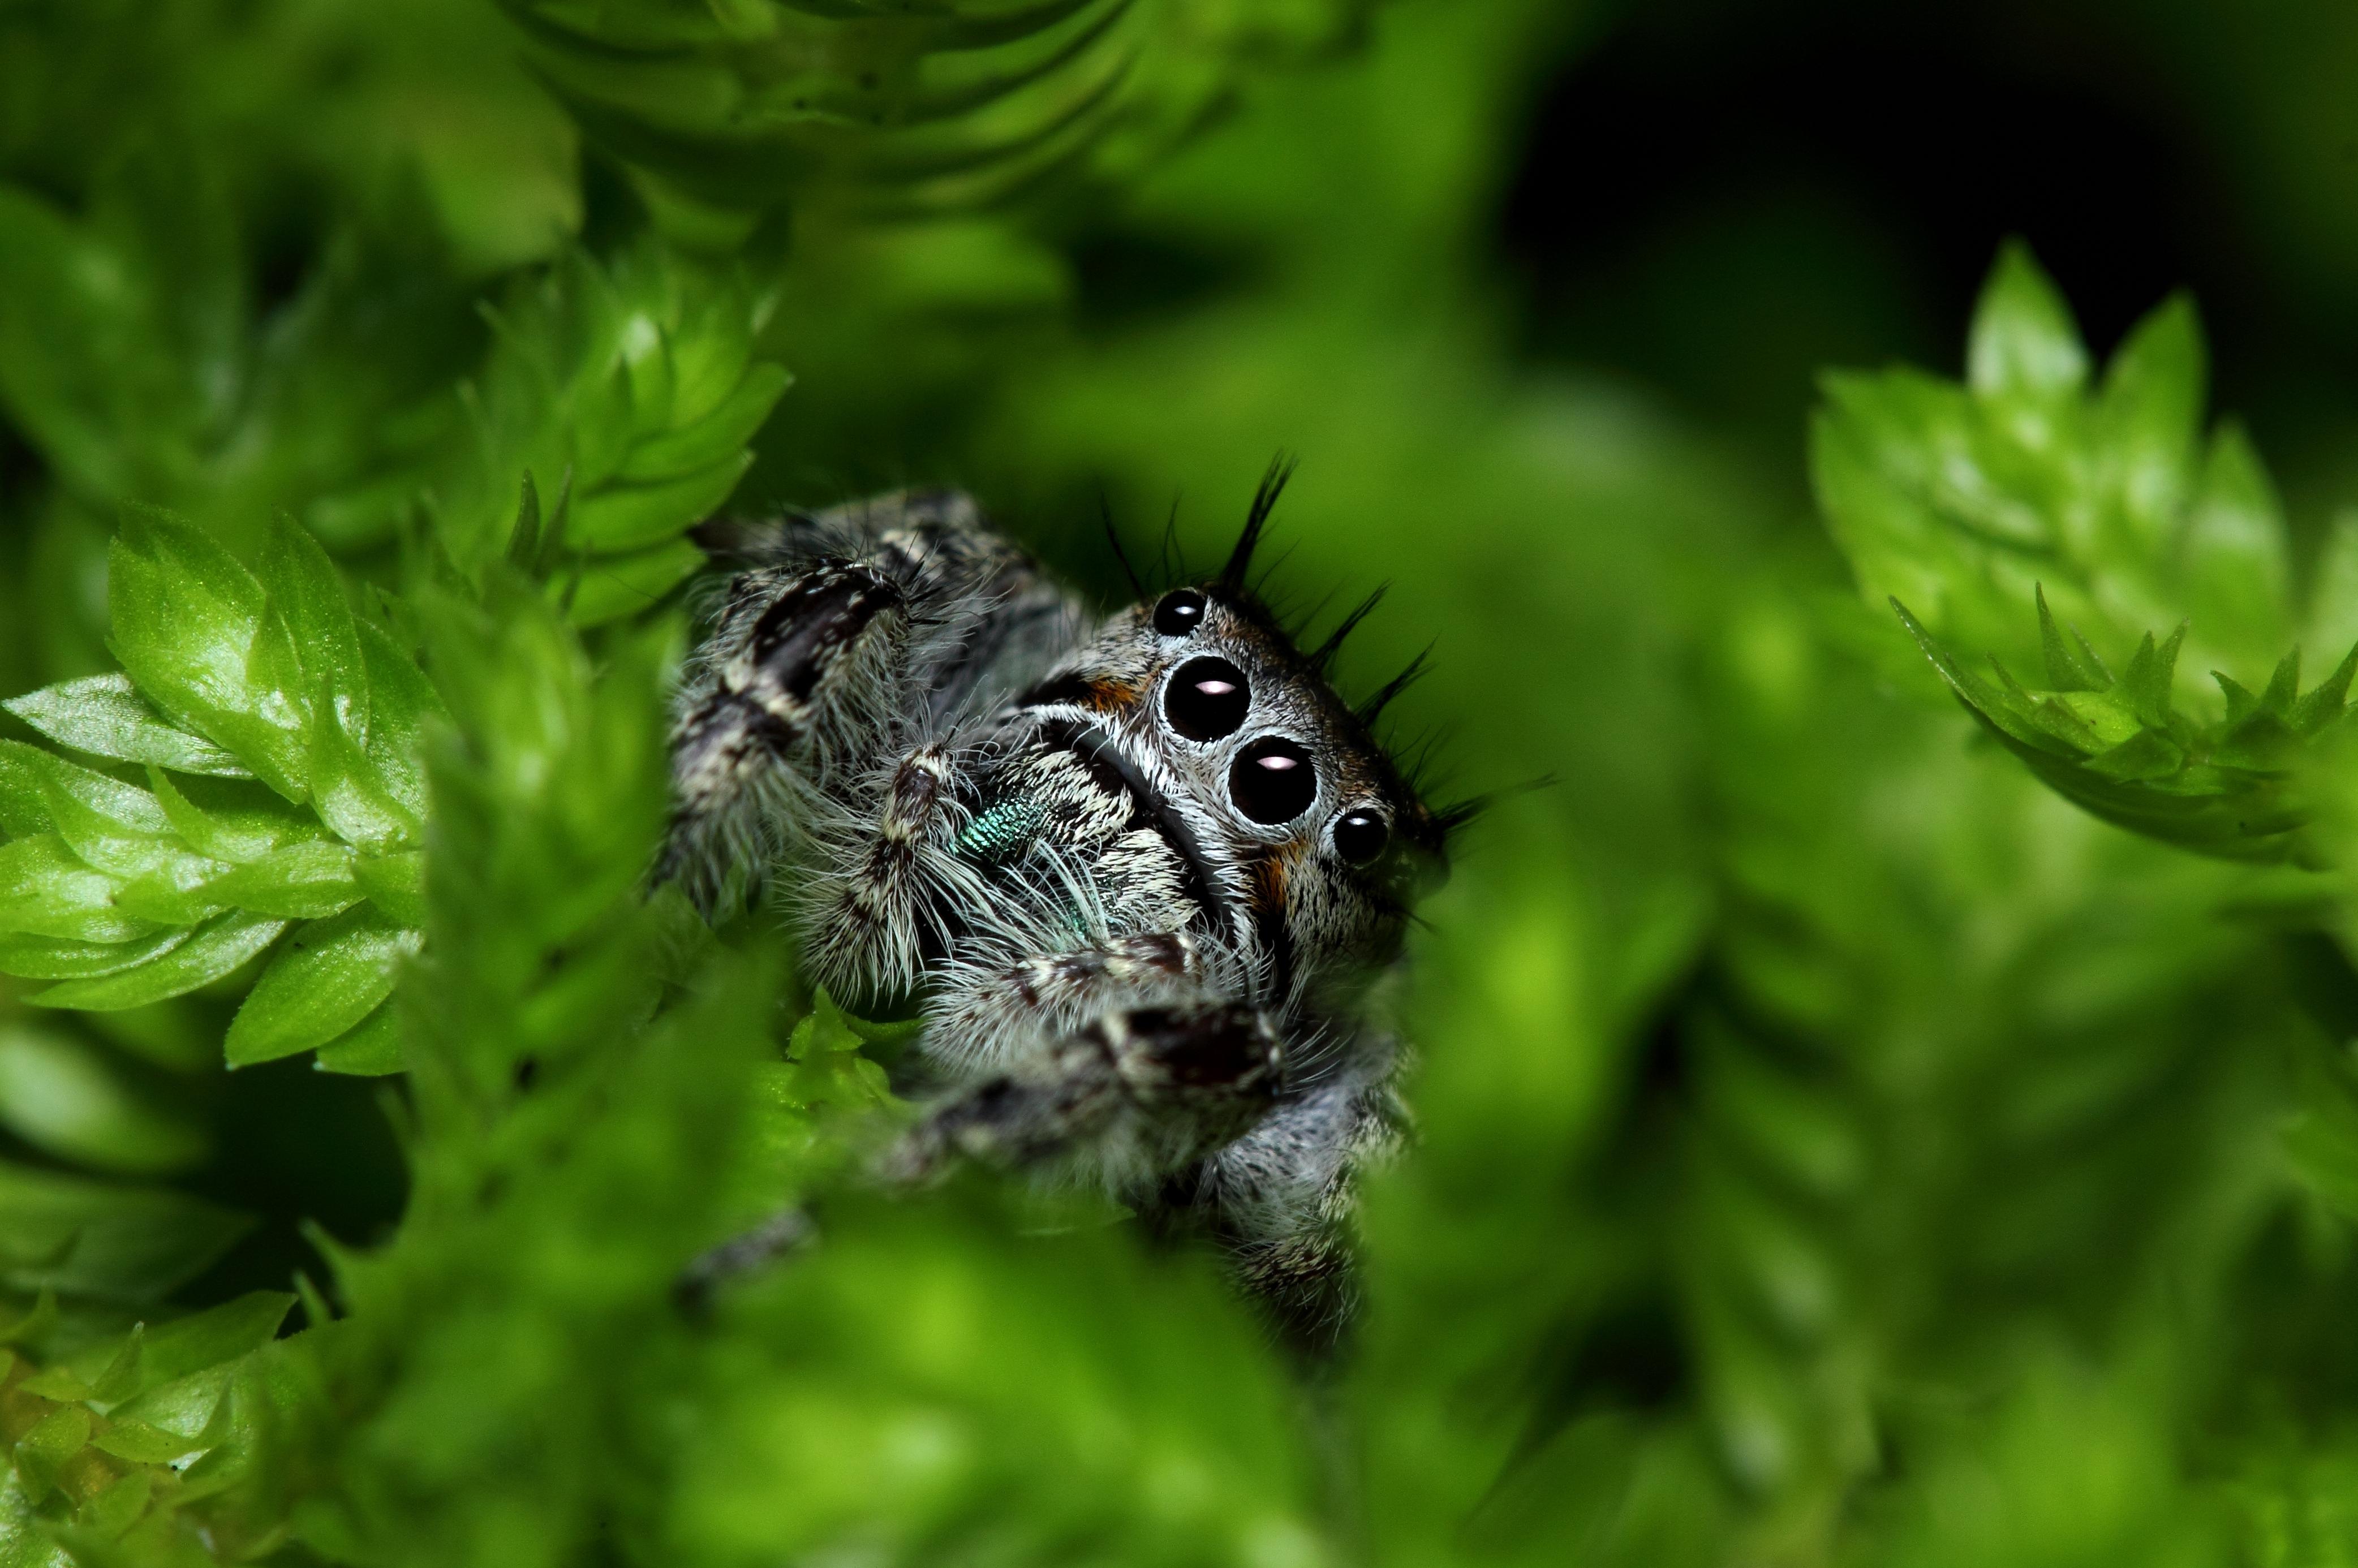 природа животные паук  № 2544234 загрузить